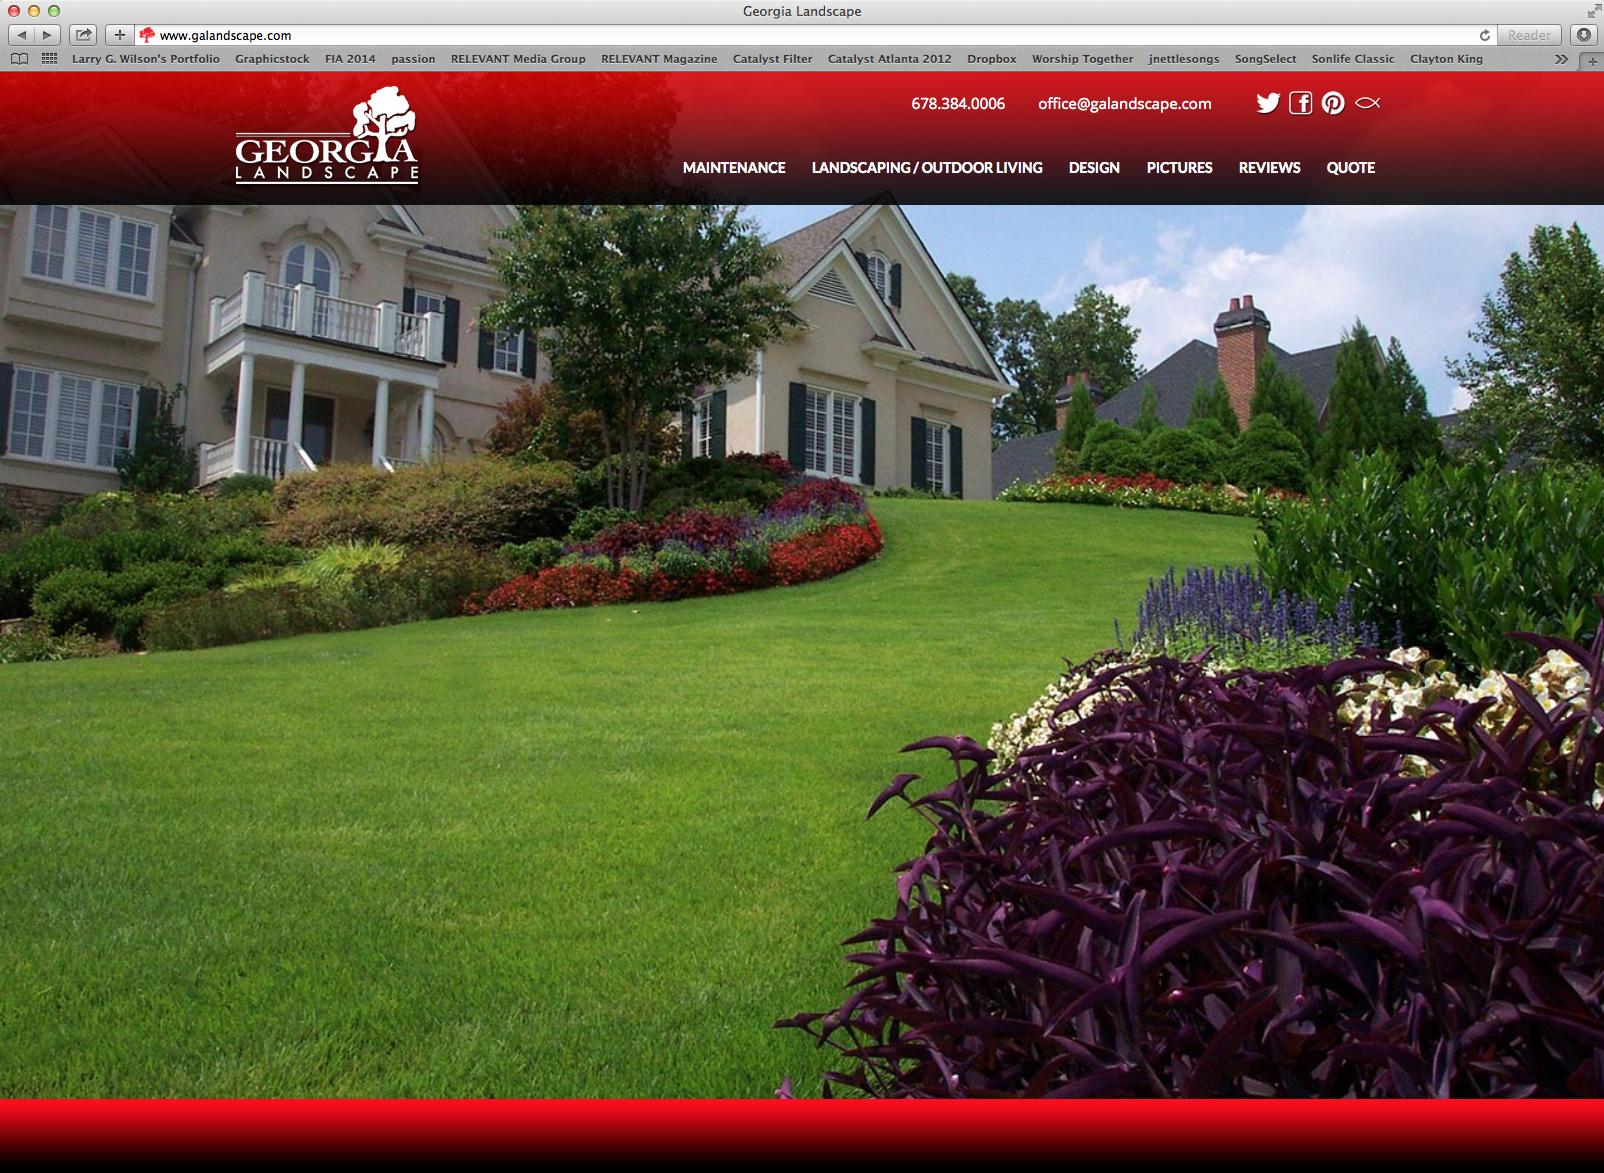 Website - Click image to visit www.galandscape.com